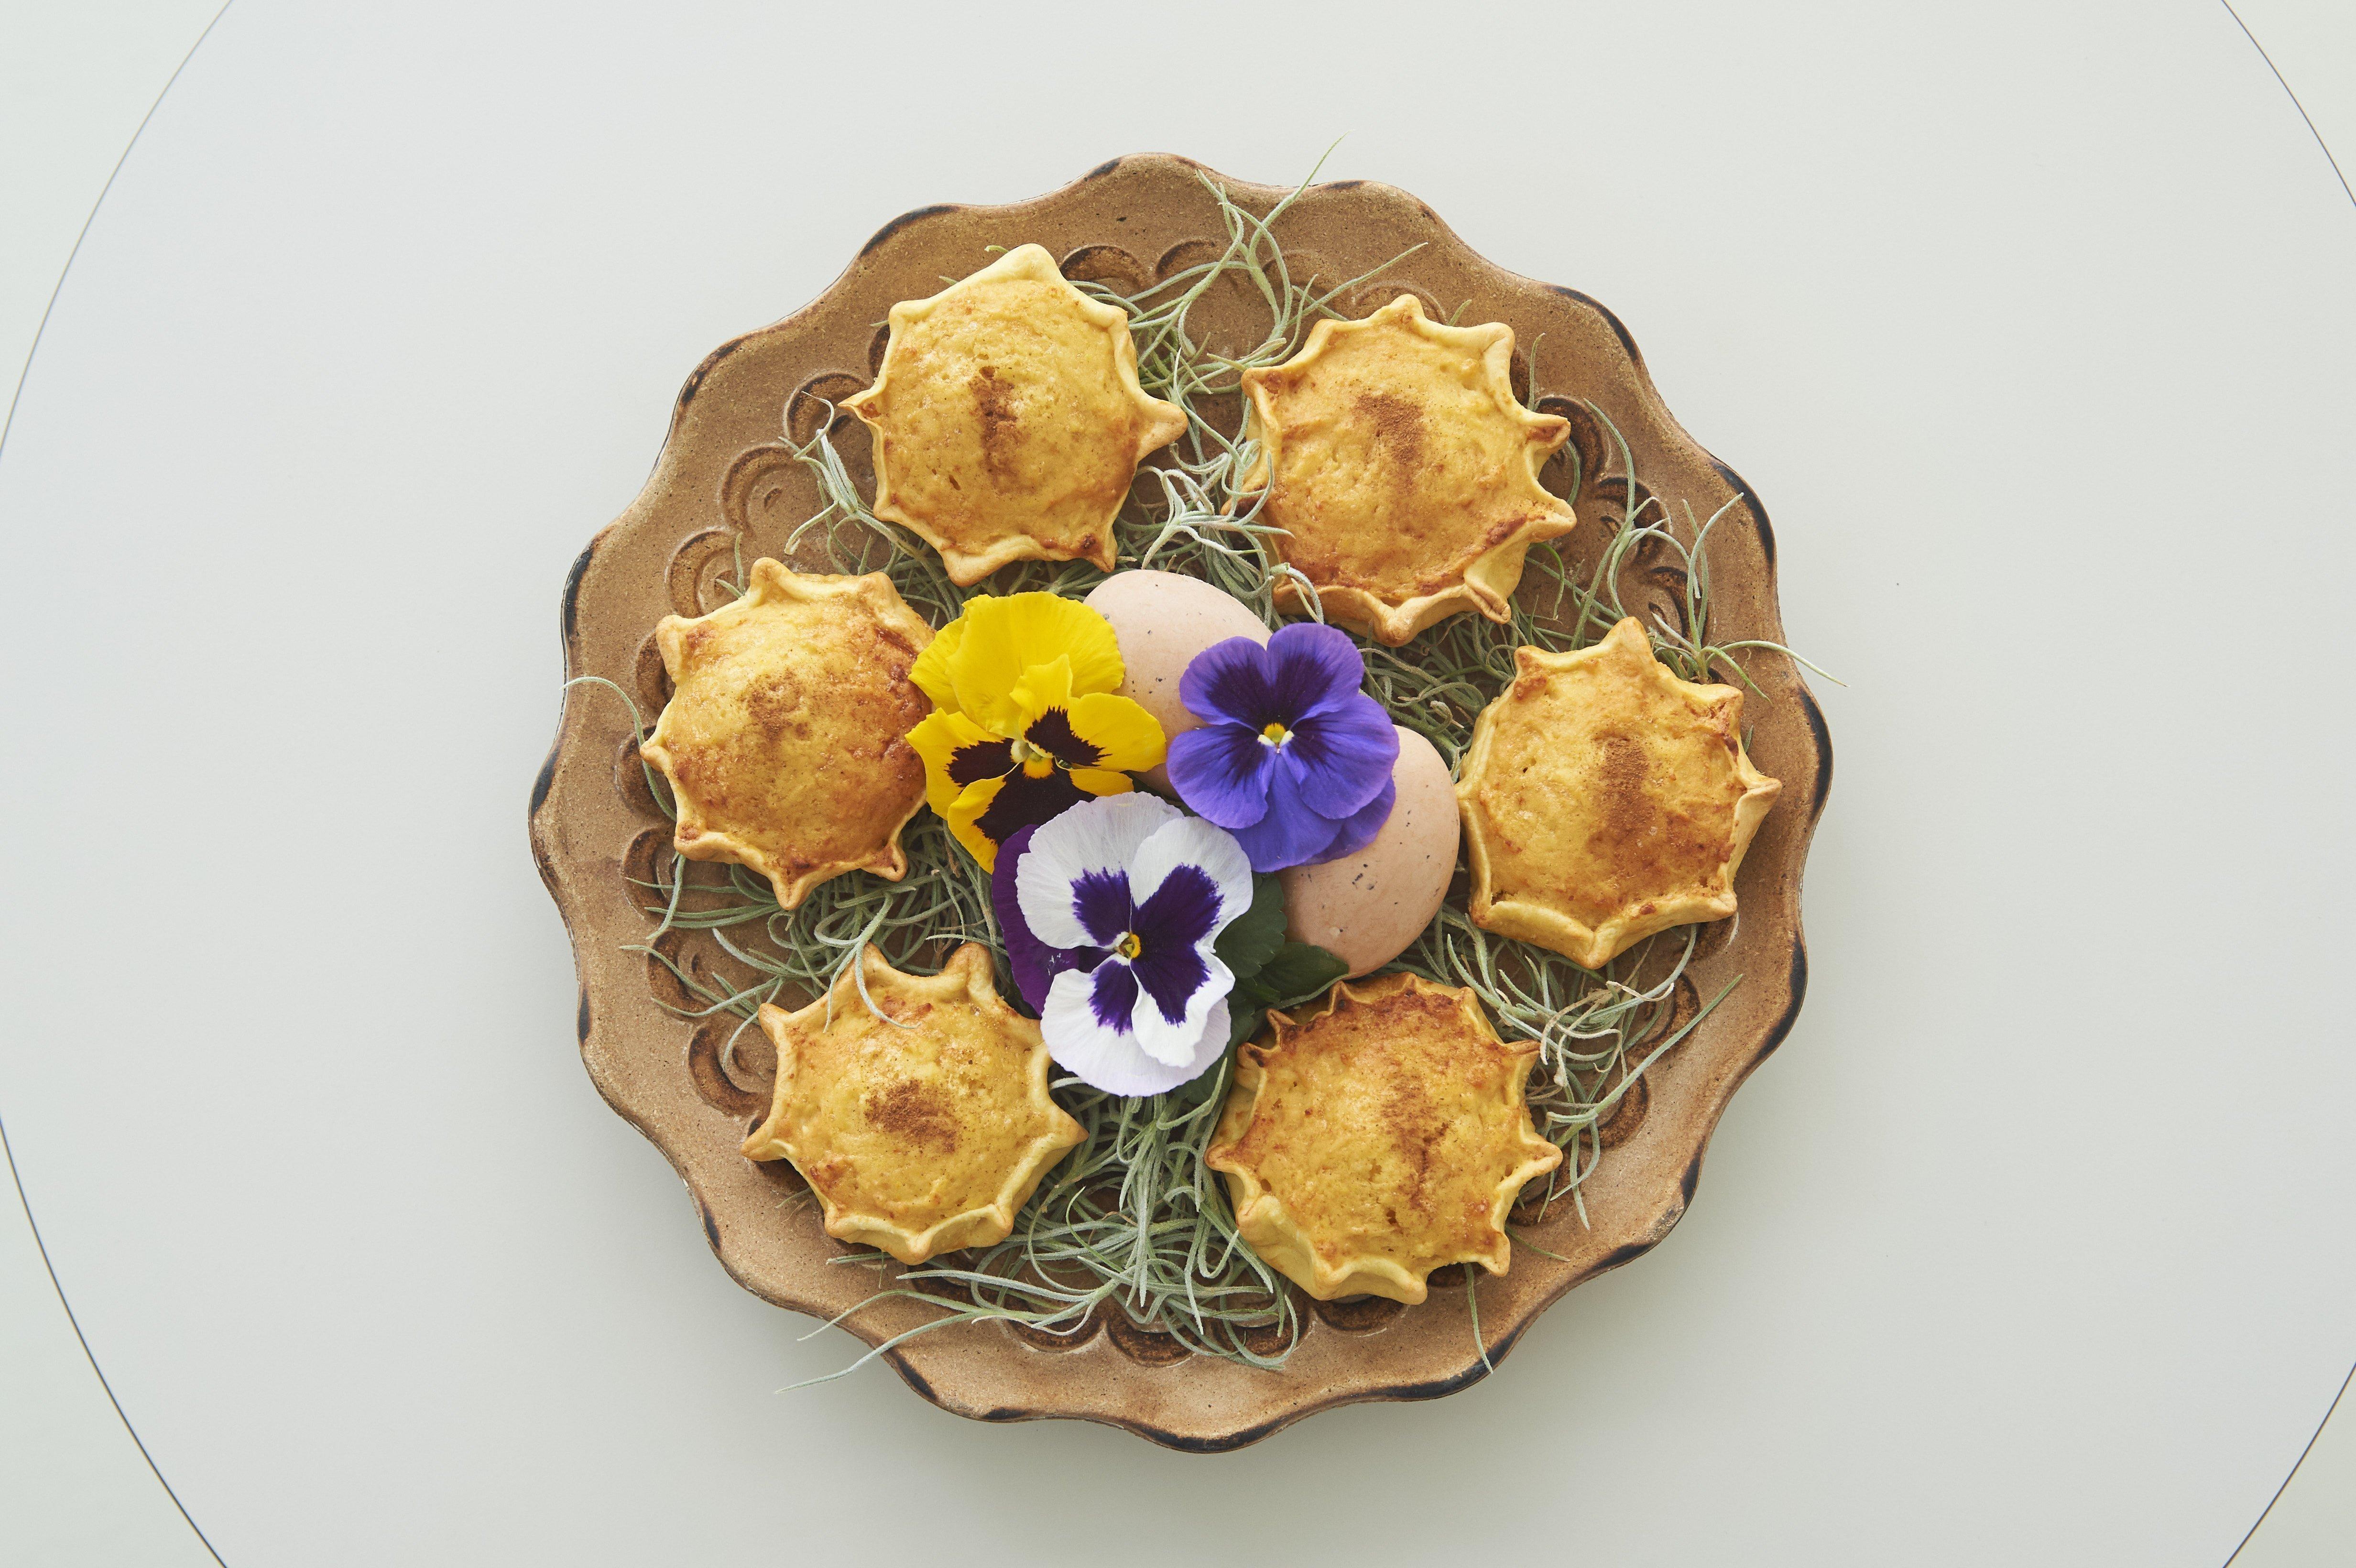 Πασχαλινό γλυκό: Μελιτίνια Σαντορίνης